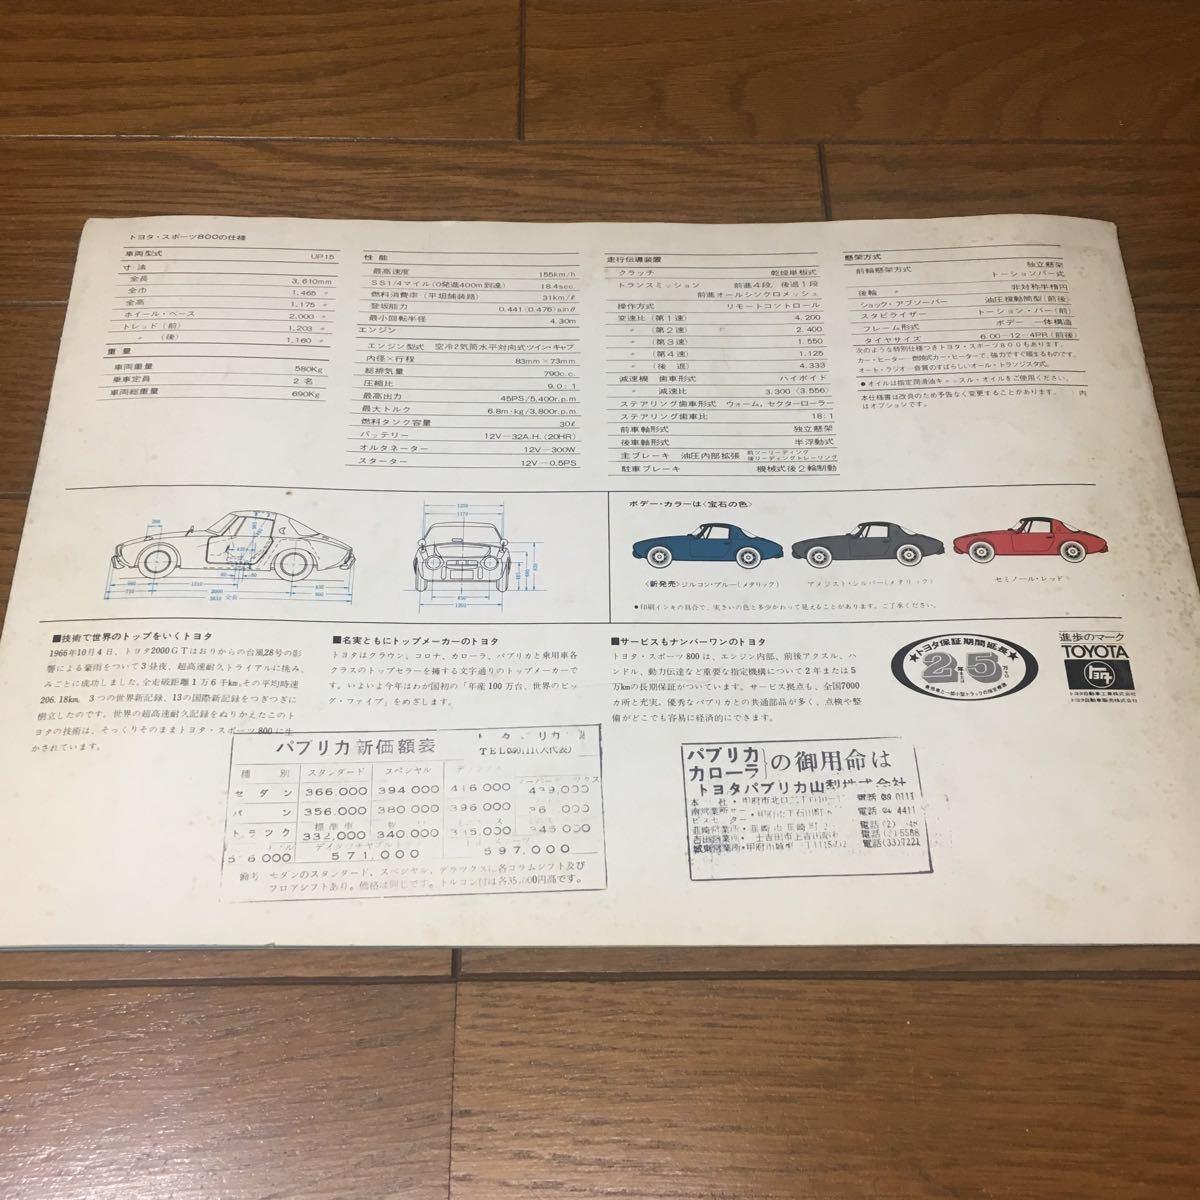 復刻版ではございません 絶版 旧車カタログ トヨタ スポーツ800 超貴重な青表示 当時物 昭和 希少滅多にでてきません。_画像10